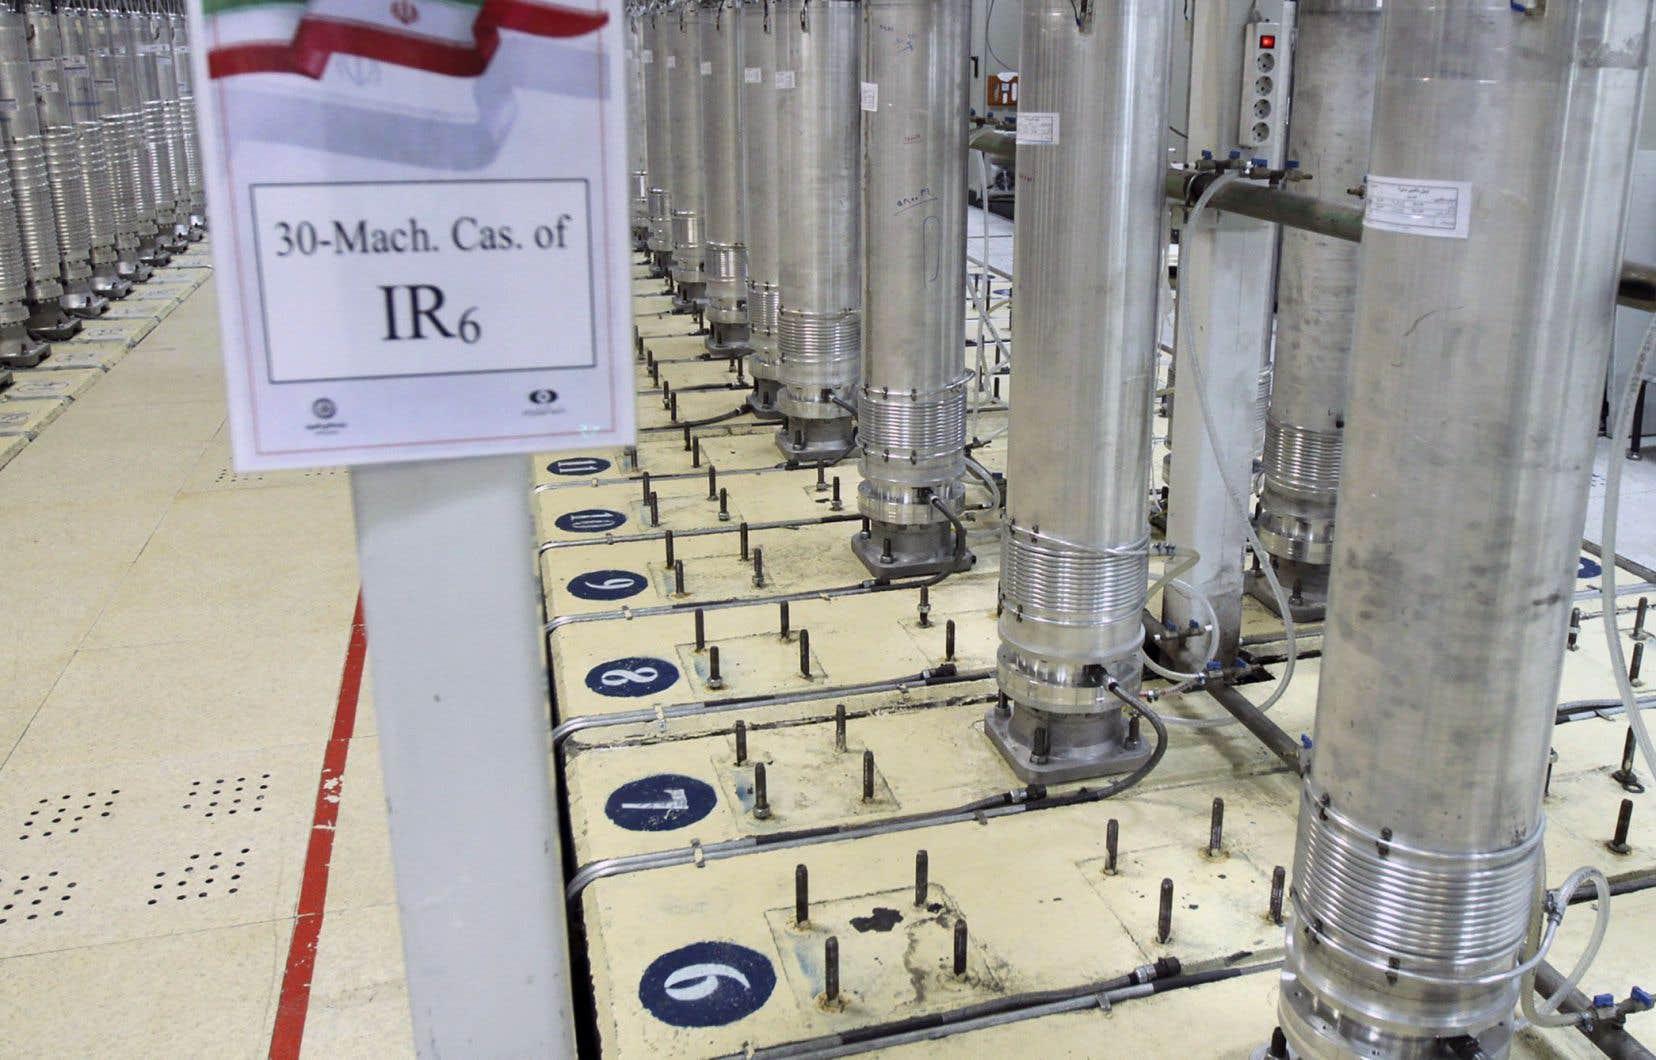 Des centrifugeuses, dans l'installation d'enrichissement d'uranium de Natanz dans le centre de l'Iran